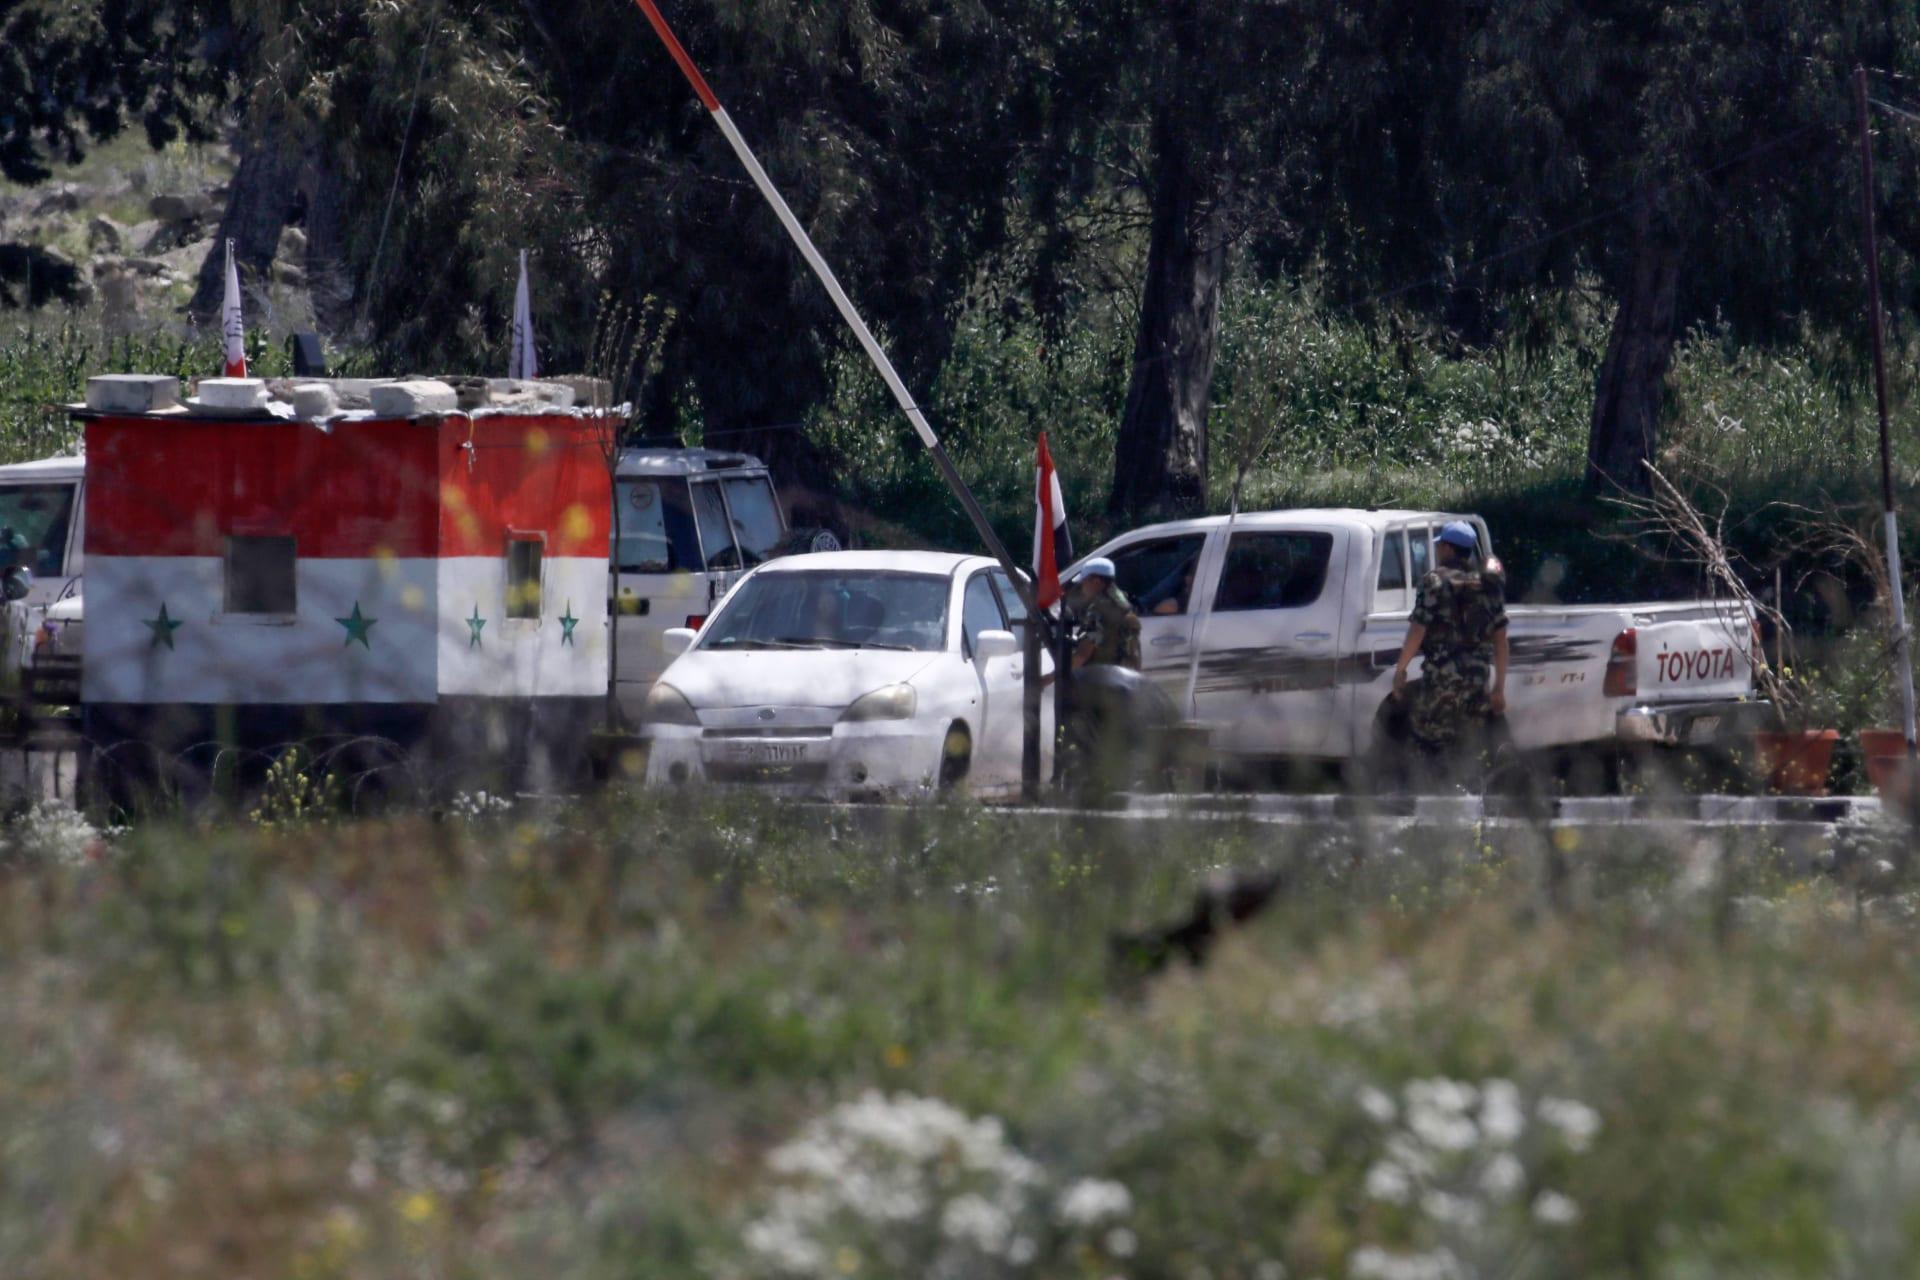 """إسرائيل تفرج عن أسيرين سوريين كـ""""بادرة حسن نية"""".. فهل تمت صفقة تبادل؟"""